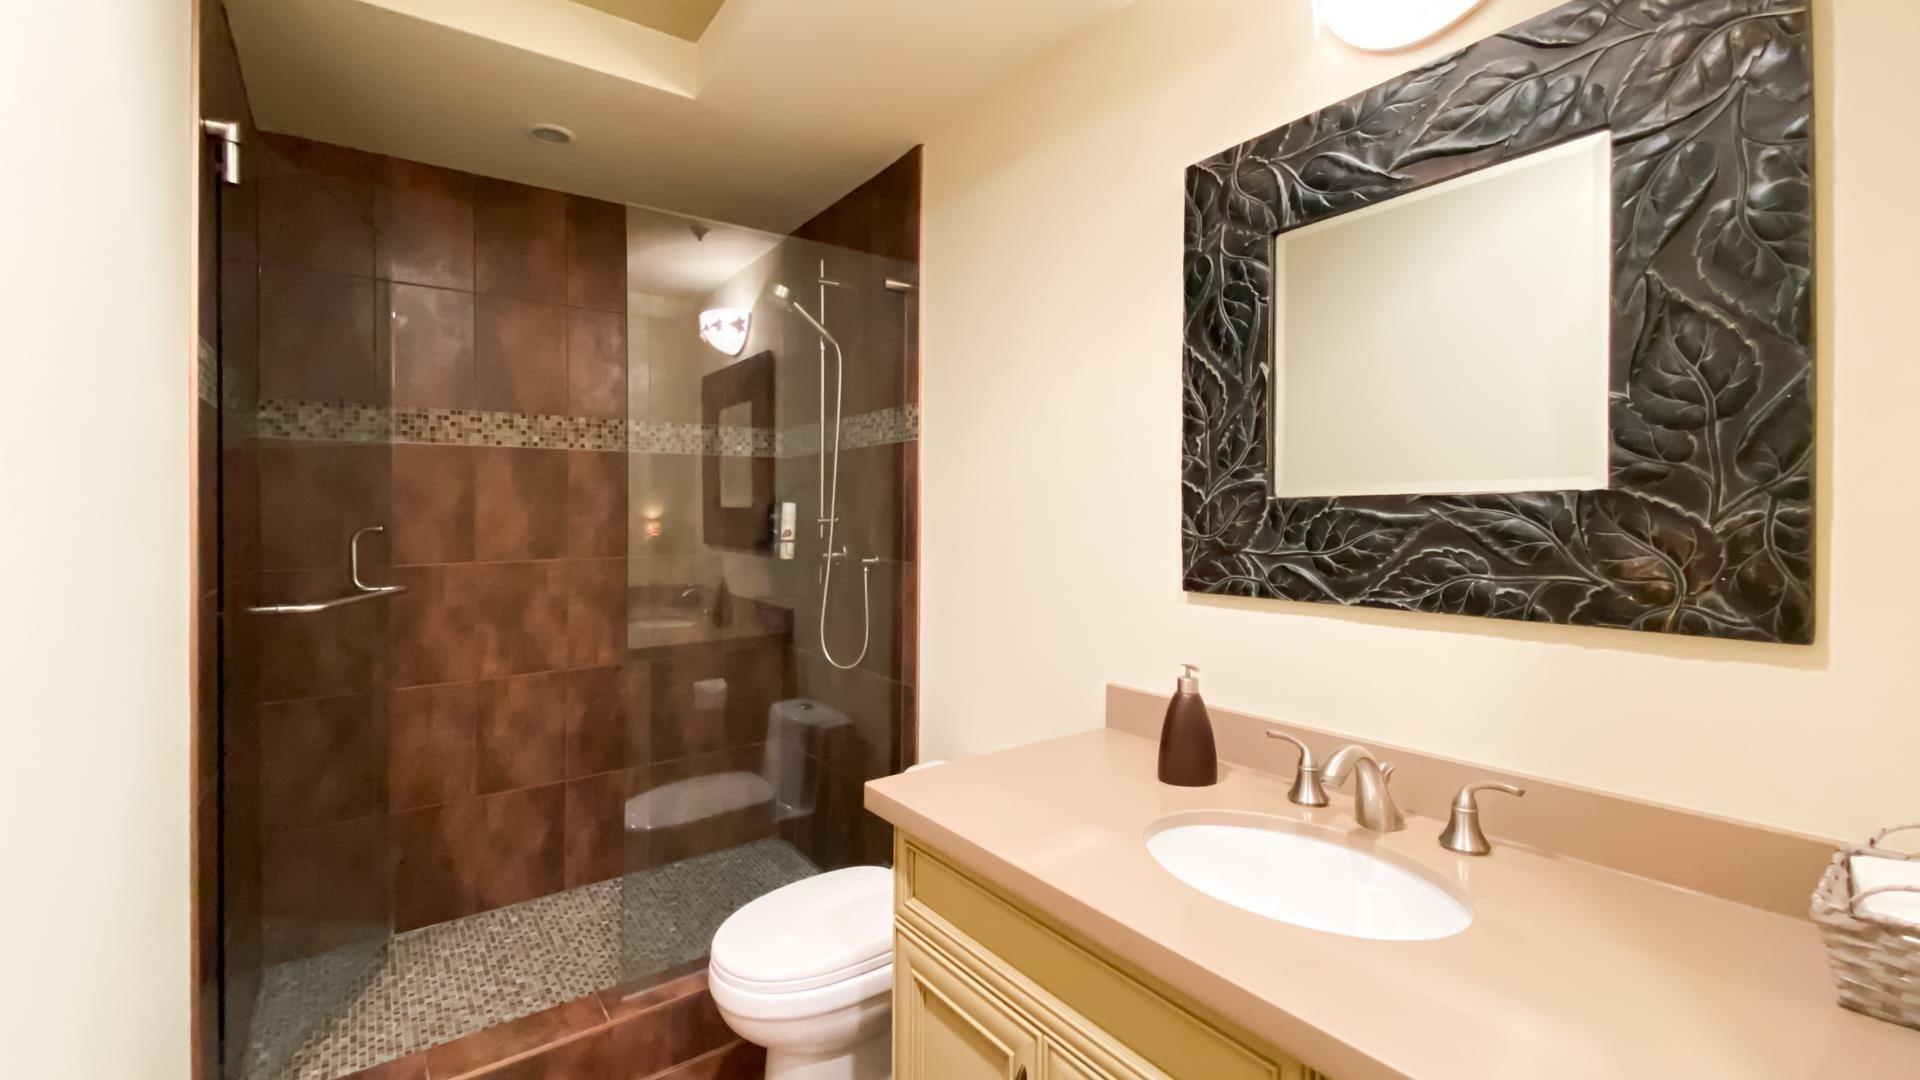 301 3131 DEER RIDGE DRIVE - Deer Ridge WV Apartment/Condo for sale, 2 Bedrooms (R2615692) - #22